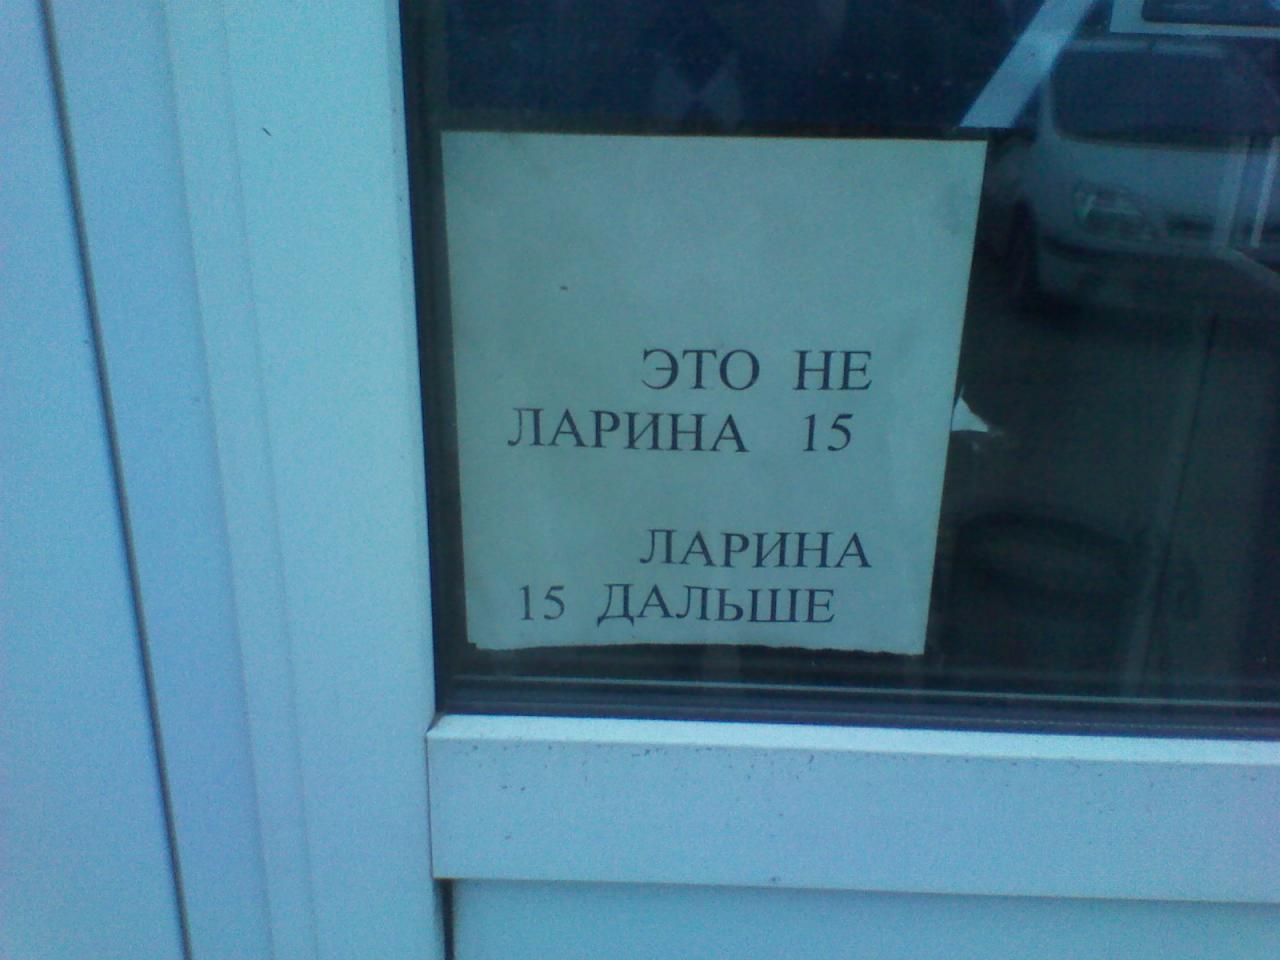 Магазин прикольных футболок в Нижнем Новгороде